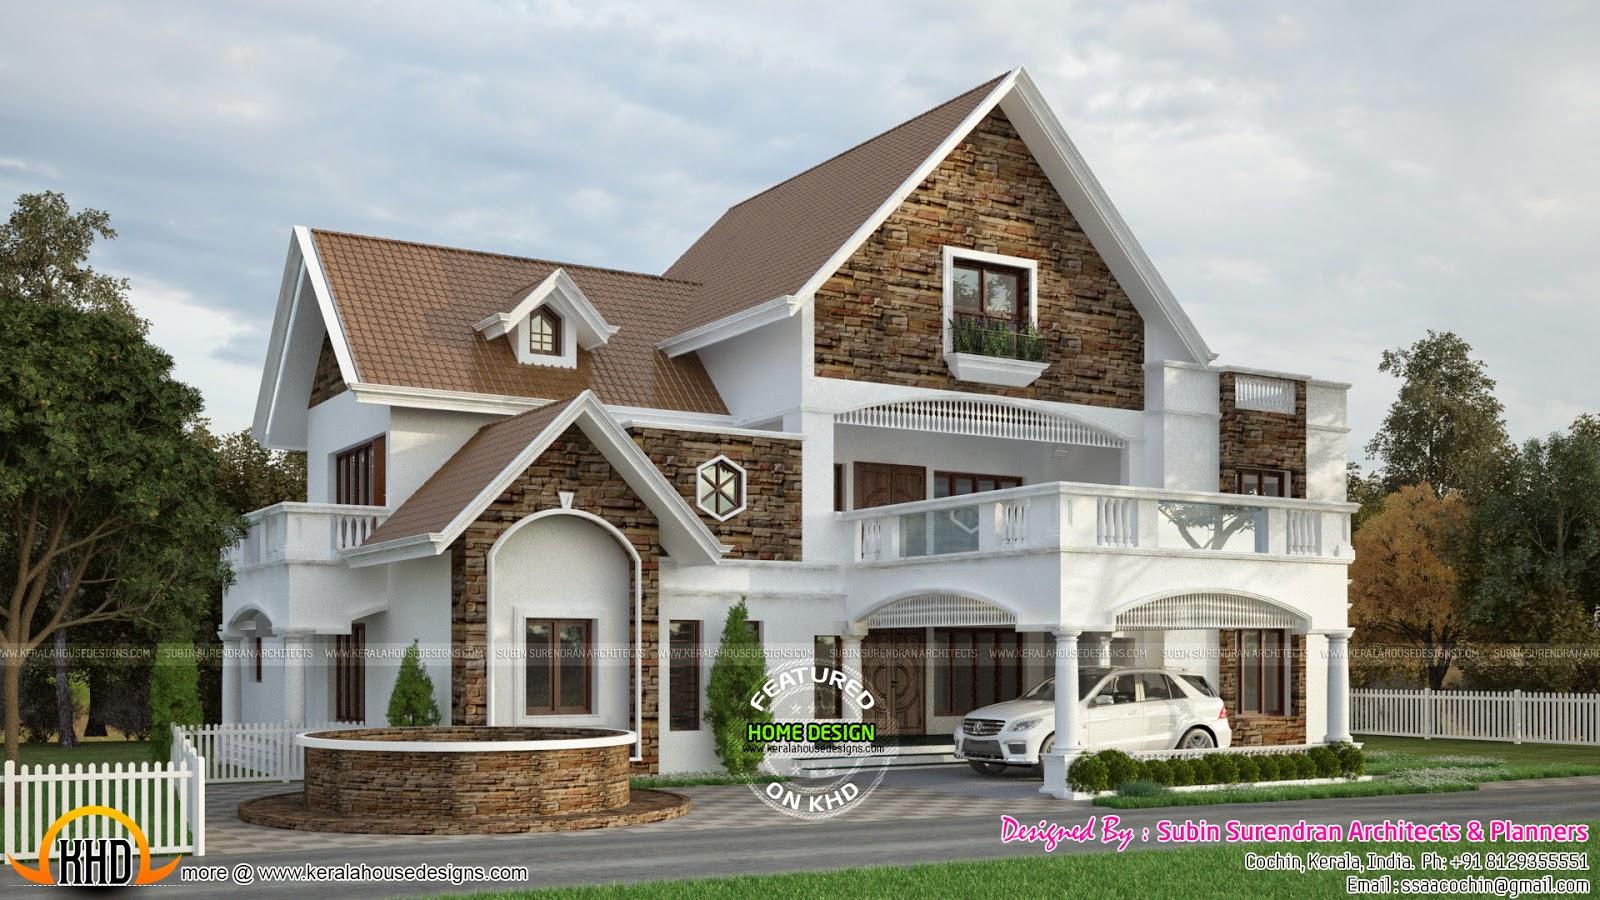 Sloped Roof Elegant Home Design Kerala Home Design Bloglovinu0027